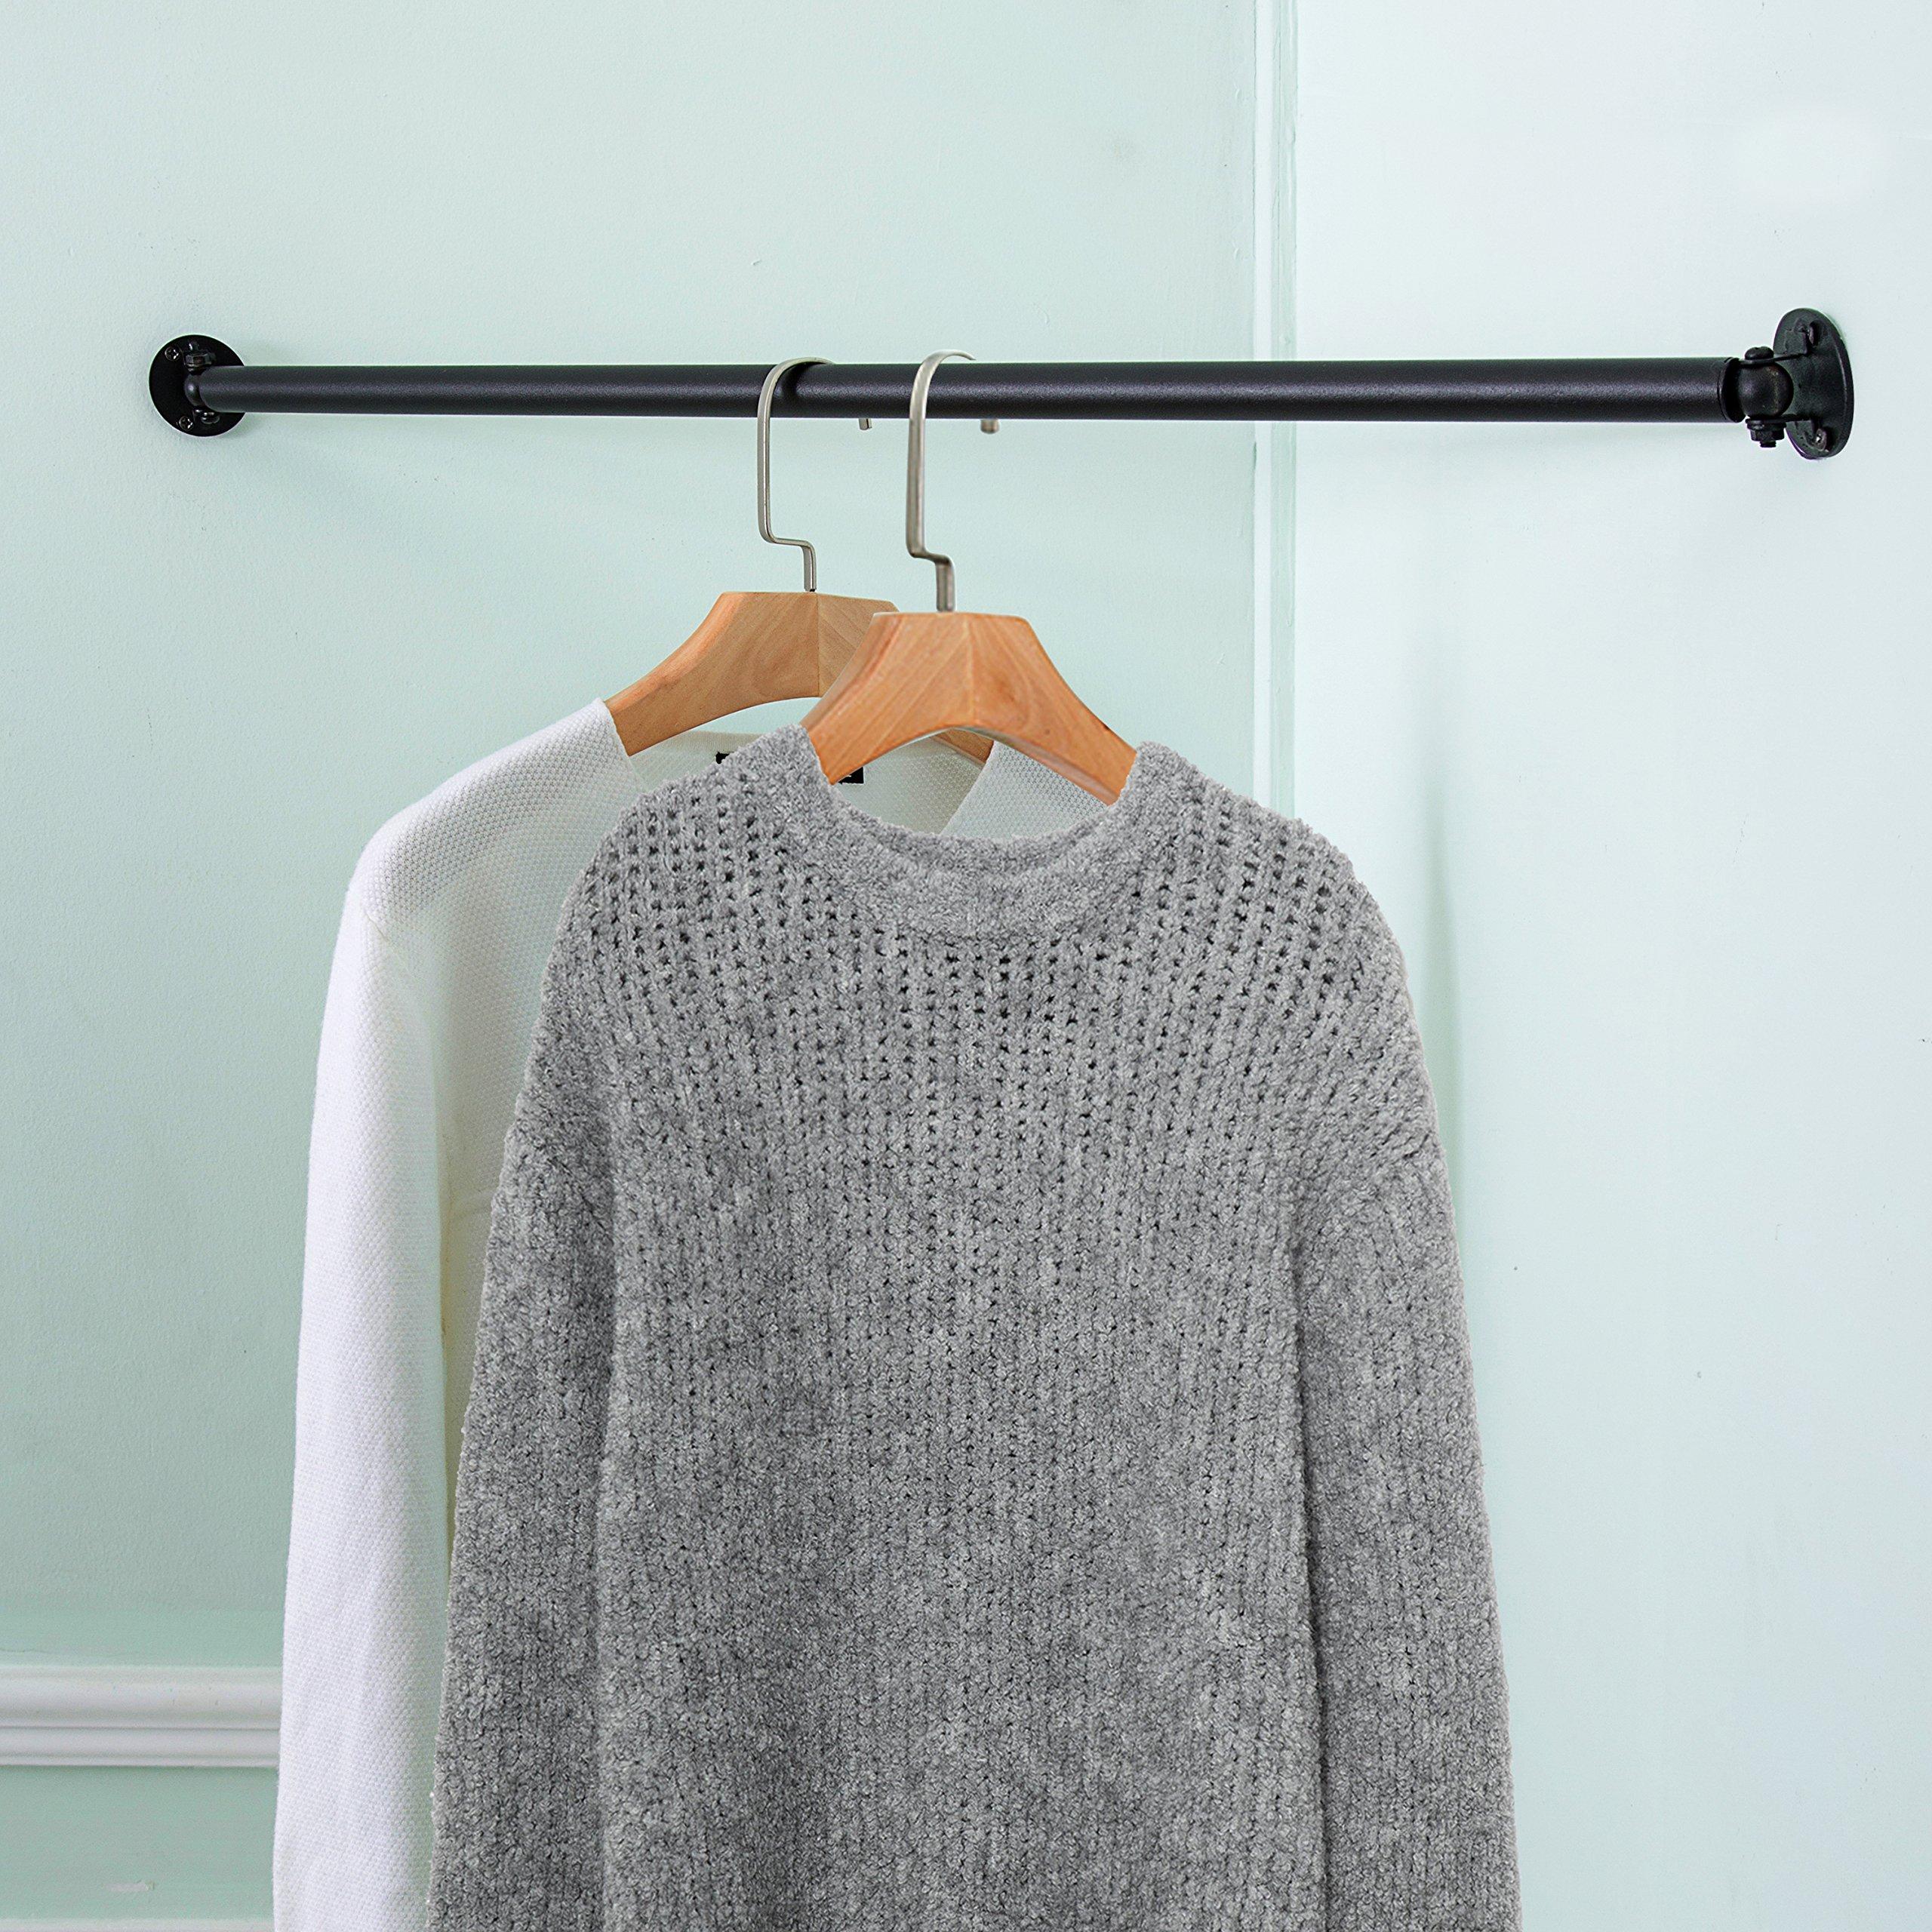 metal modern peg com wooden rotating coat rack cafe decobizz clothes